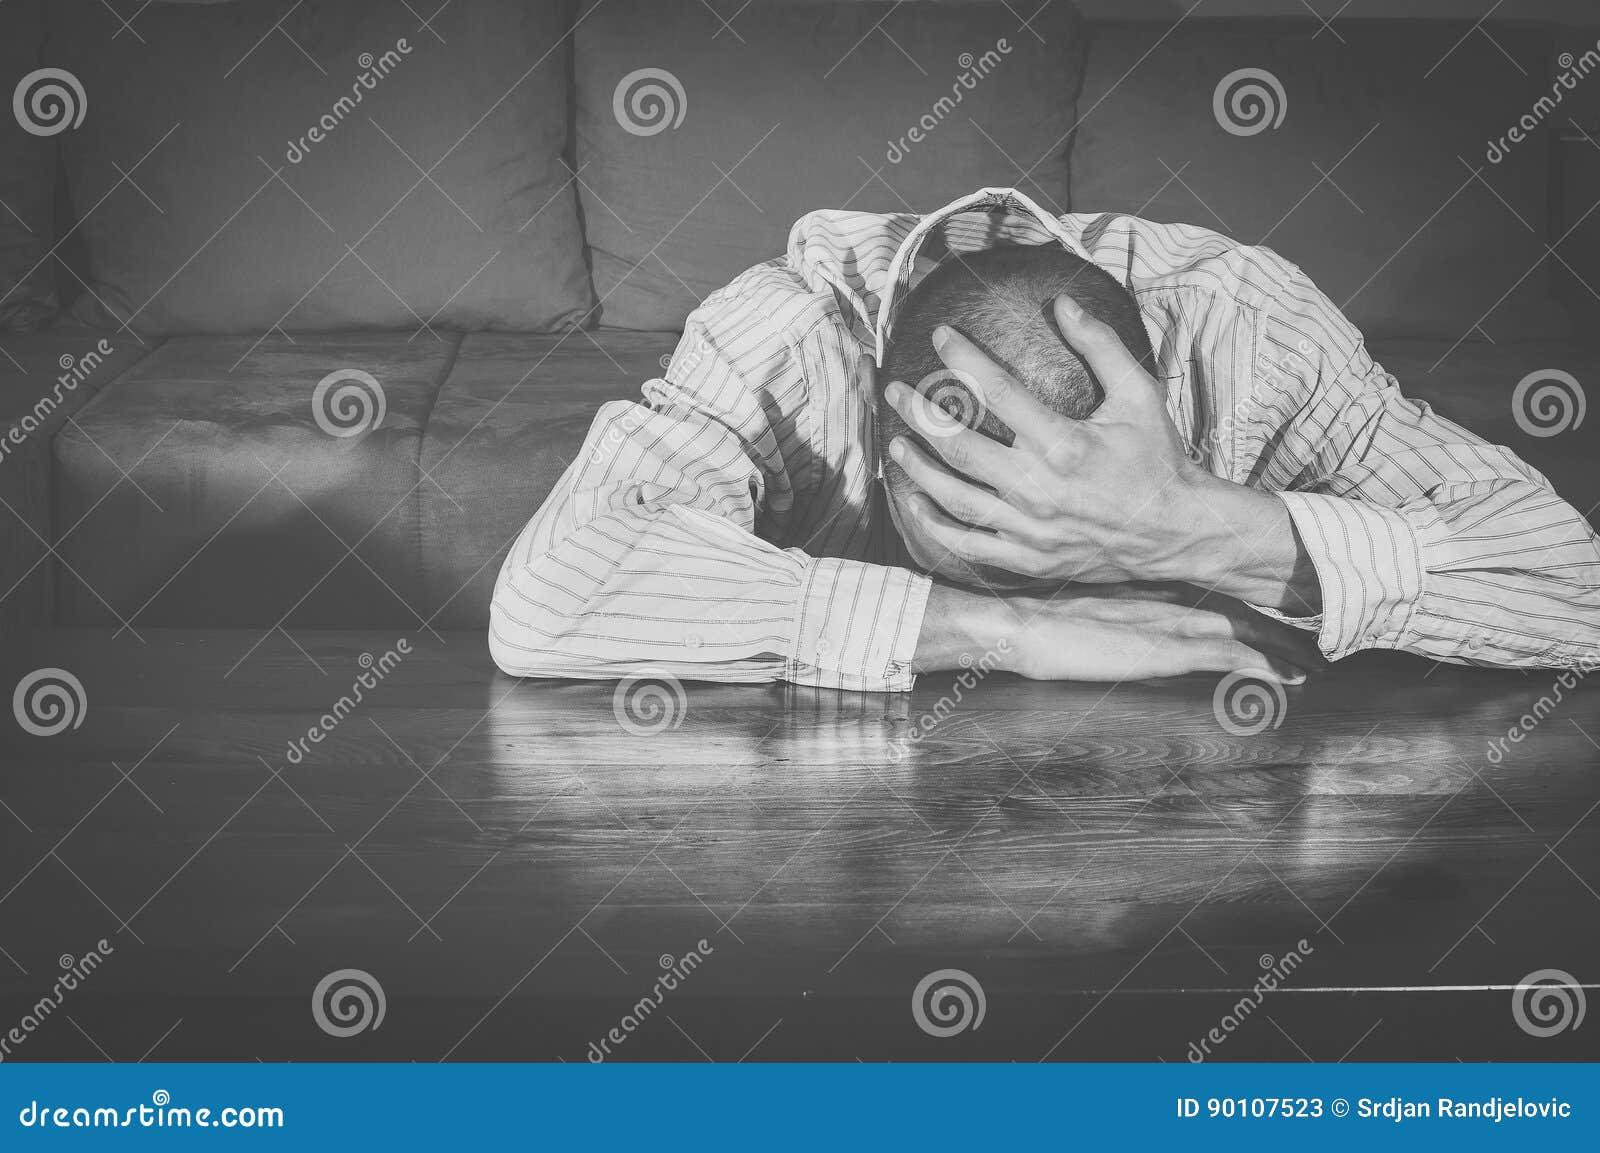 坐在他的屋子里的凄惨的年轻人 消沉 黑色白色 寂寞 悲伤 混淆 哭泣的人 哀伤的人啼声